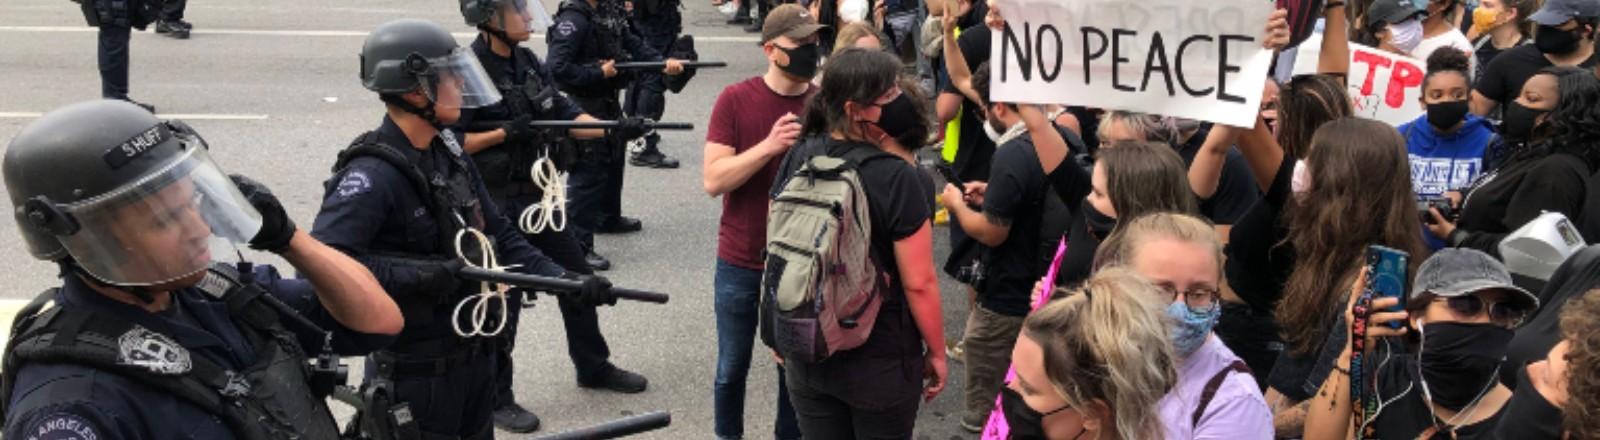 Die Polizei steht in einer Linie vor vielen Demonstrierenden